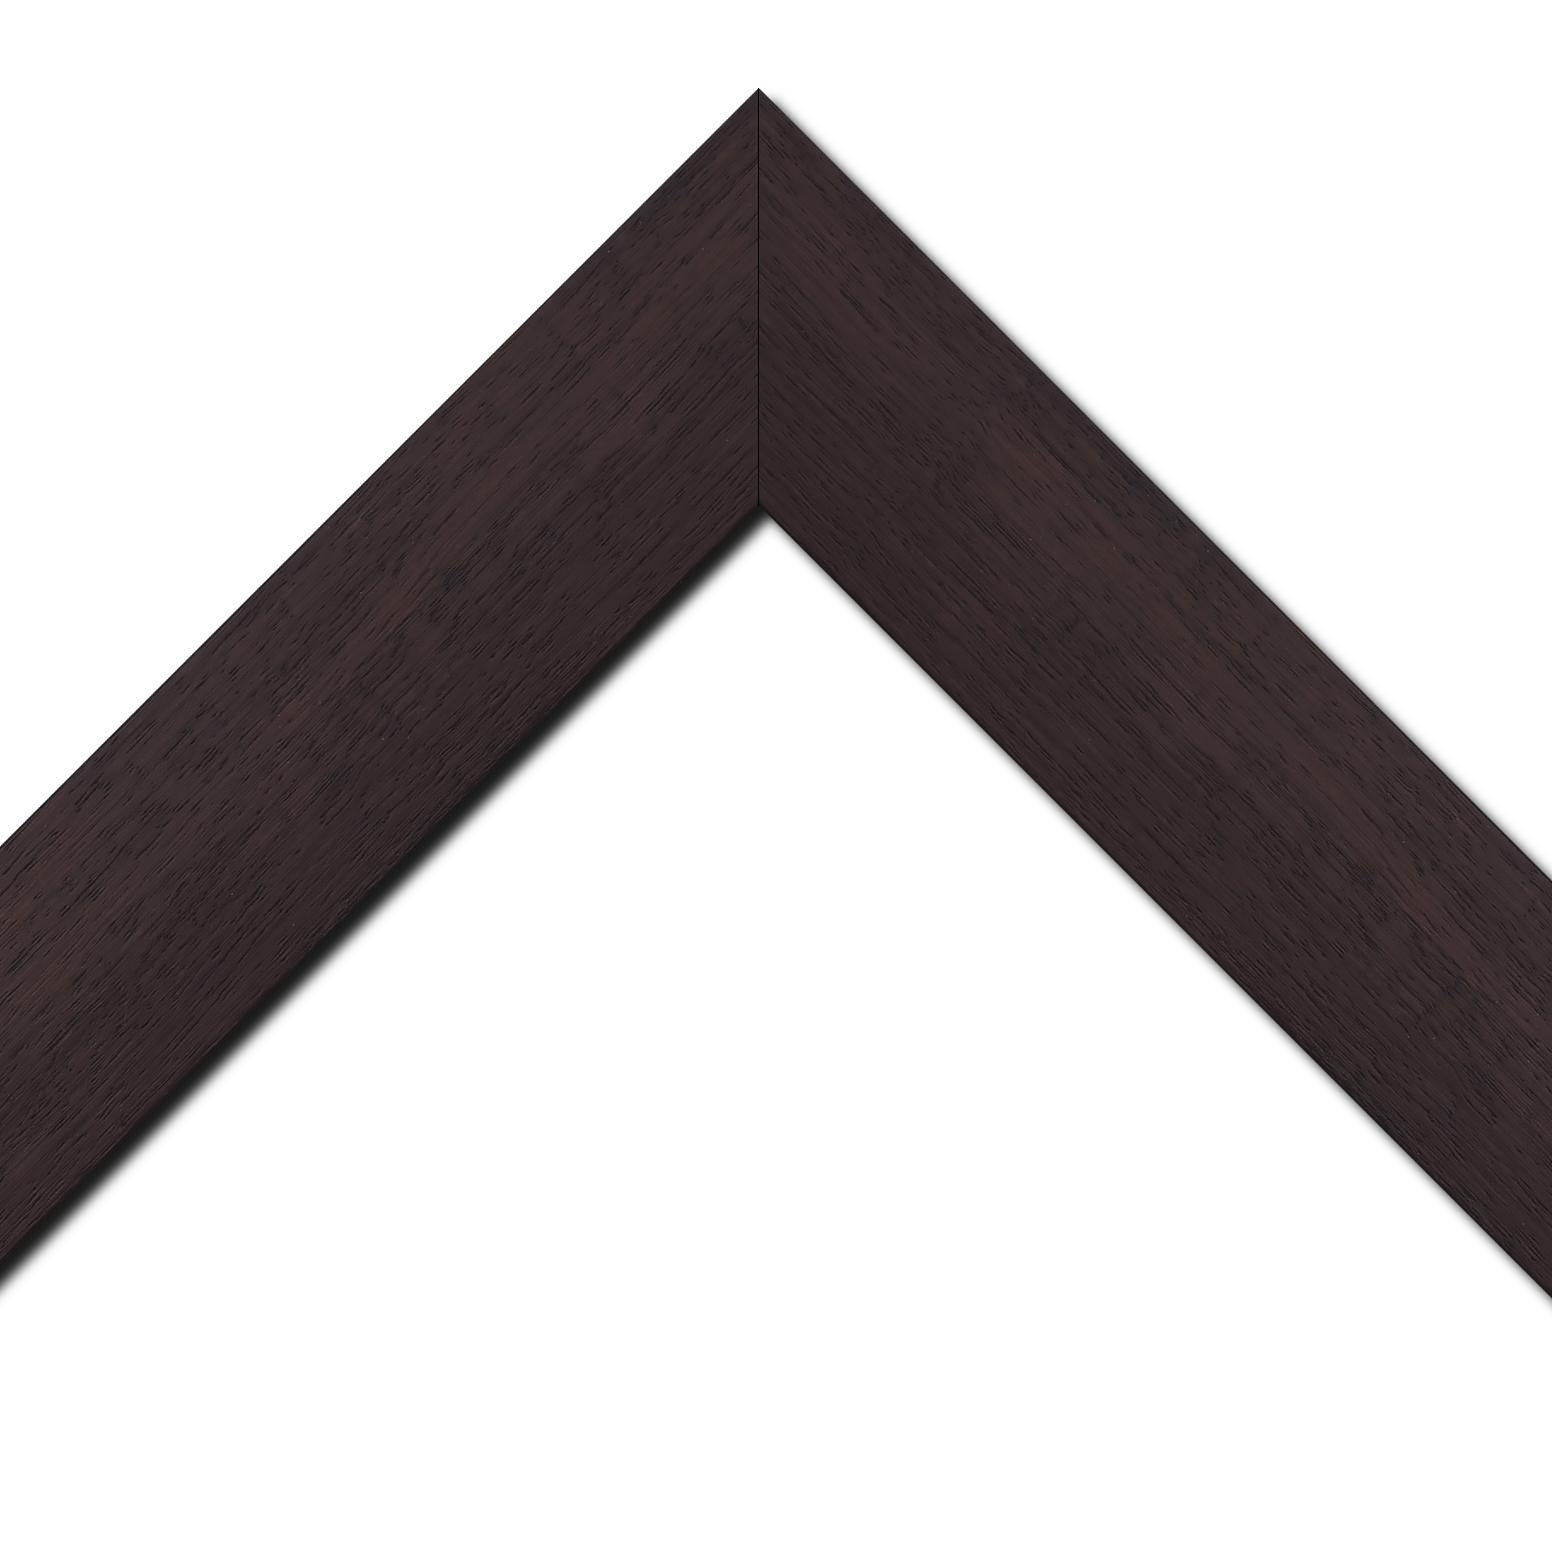 Cadre  bois marron tons bois — 84.1 x 118.9